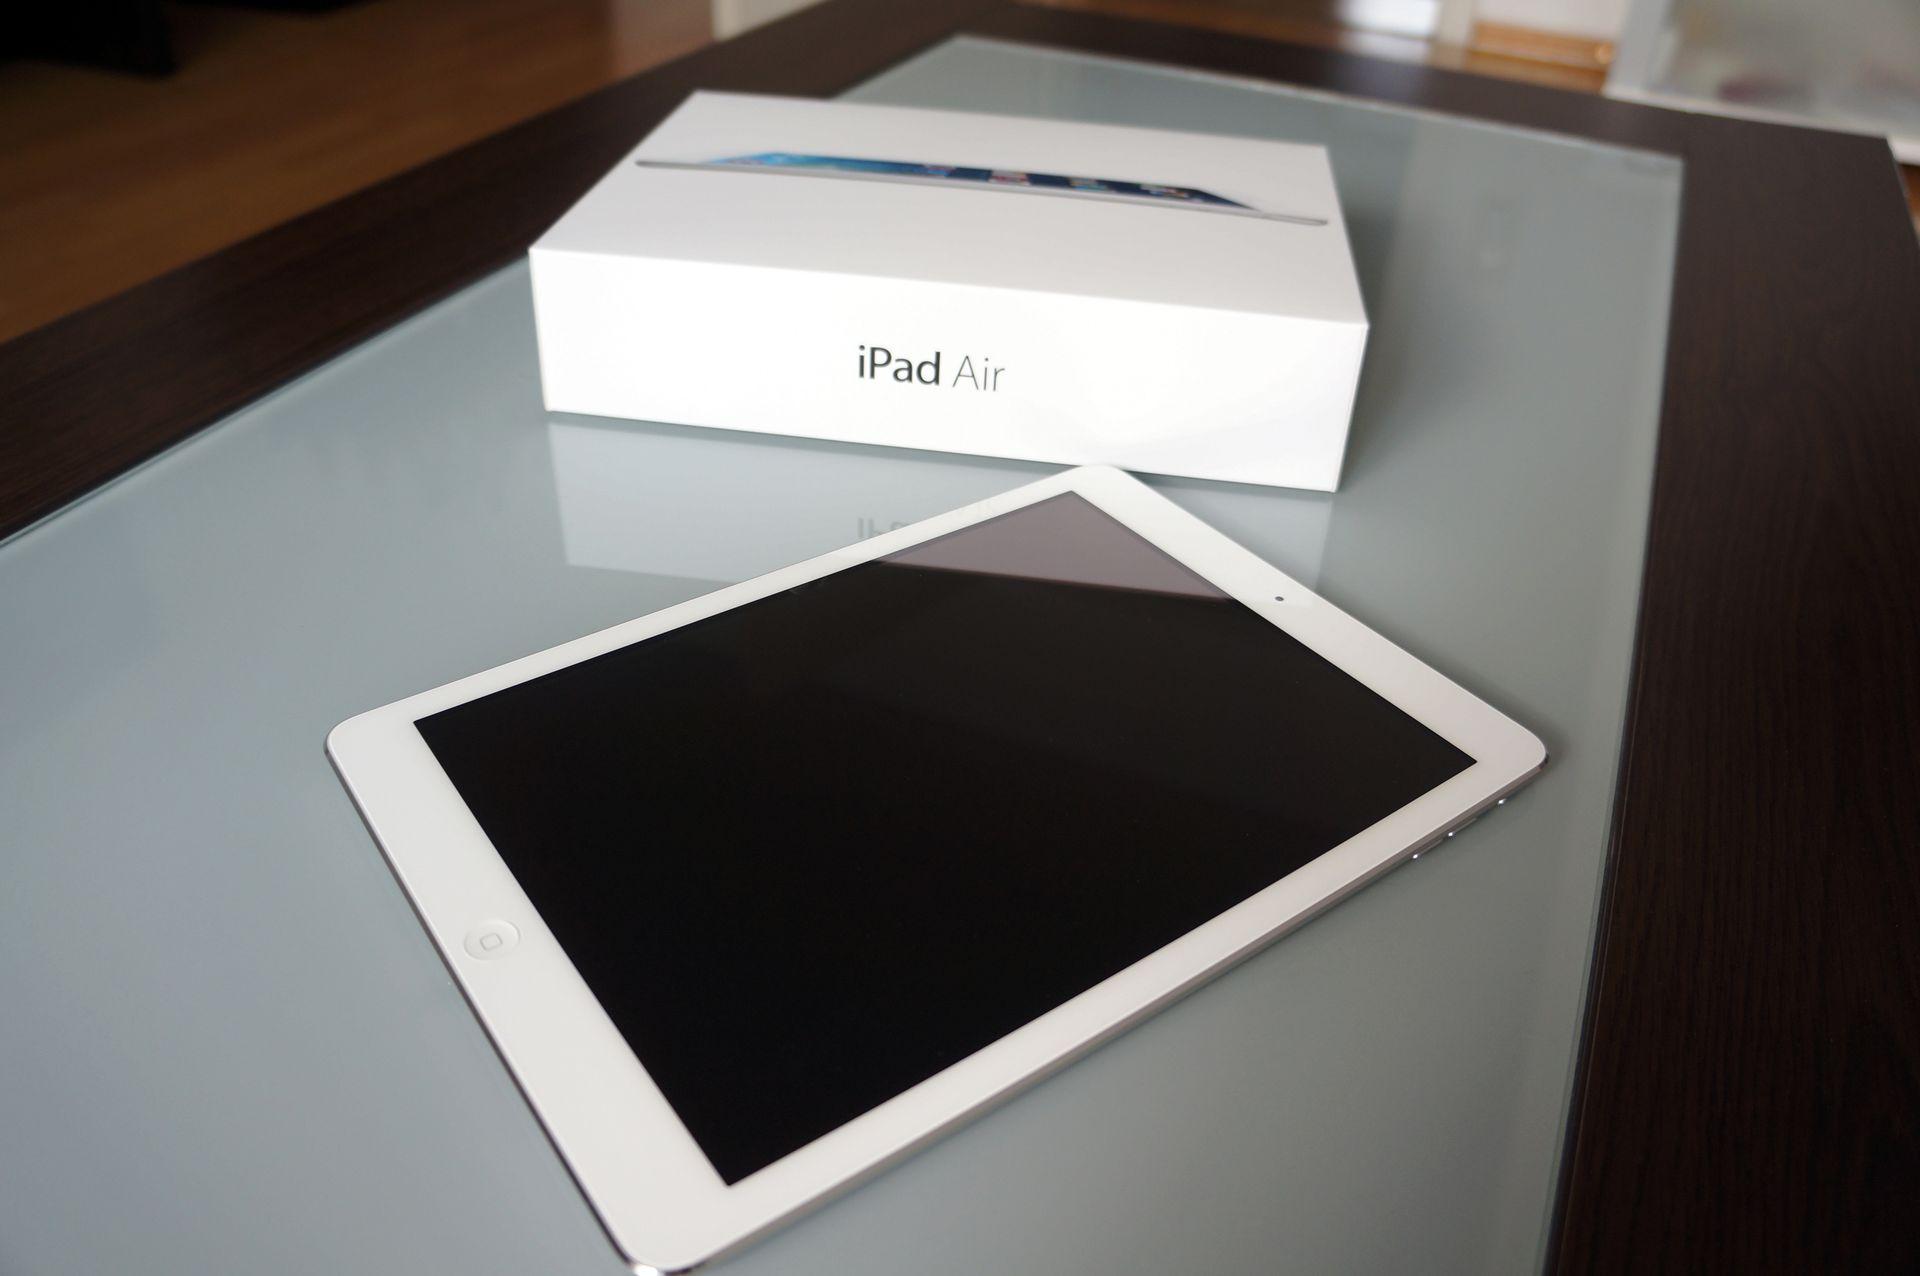 Erfahrungsbericht iPad Air – Gelungene Produktpflege statt Innovation